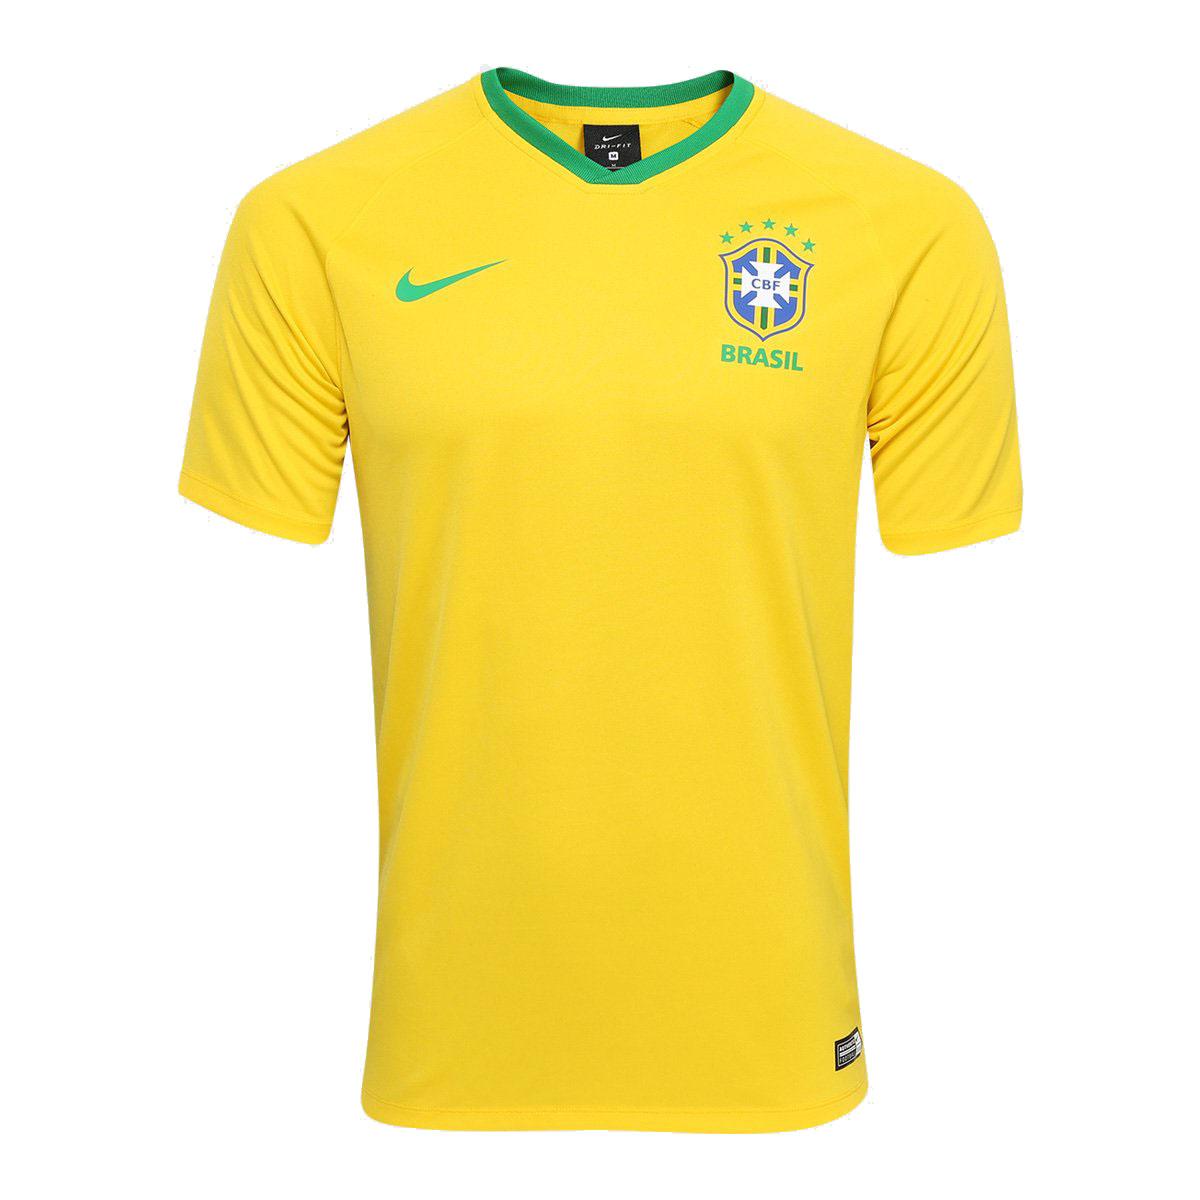 Camisa Nike Brasil 2018 Amarelo